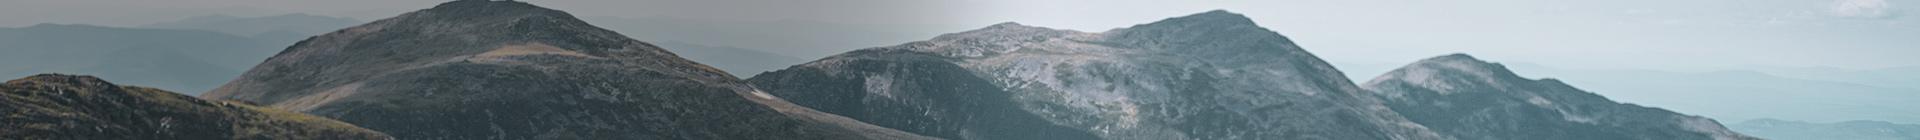 Mountain peaks.